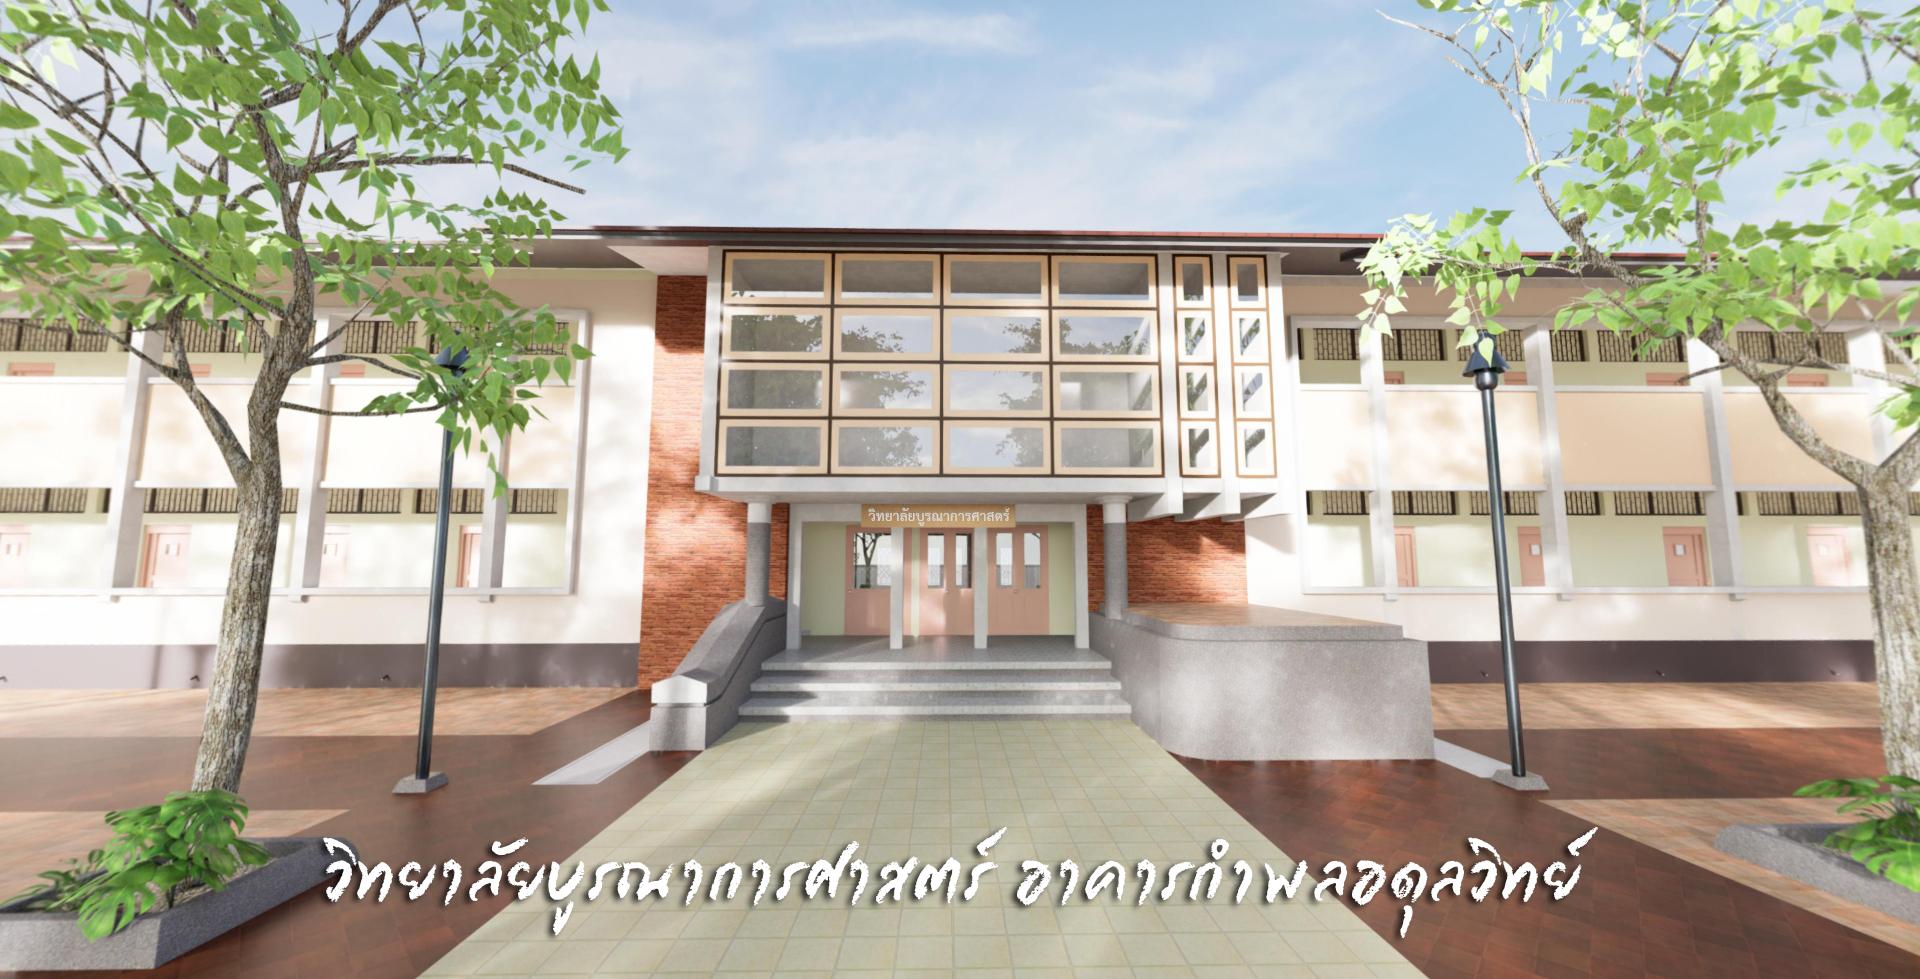 งานครบรอบวันสถาปนาวิทยาลัยบูรณาการศาสตร์ ร่วมกับพิธีปัจฉิมนิเทศบัณฑิต (Degree) และพิธีมอบประกาศนียบัตร (Non Degree) ปีการศึกษา 2563